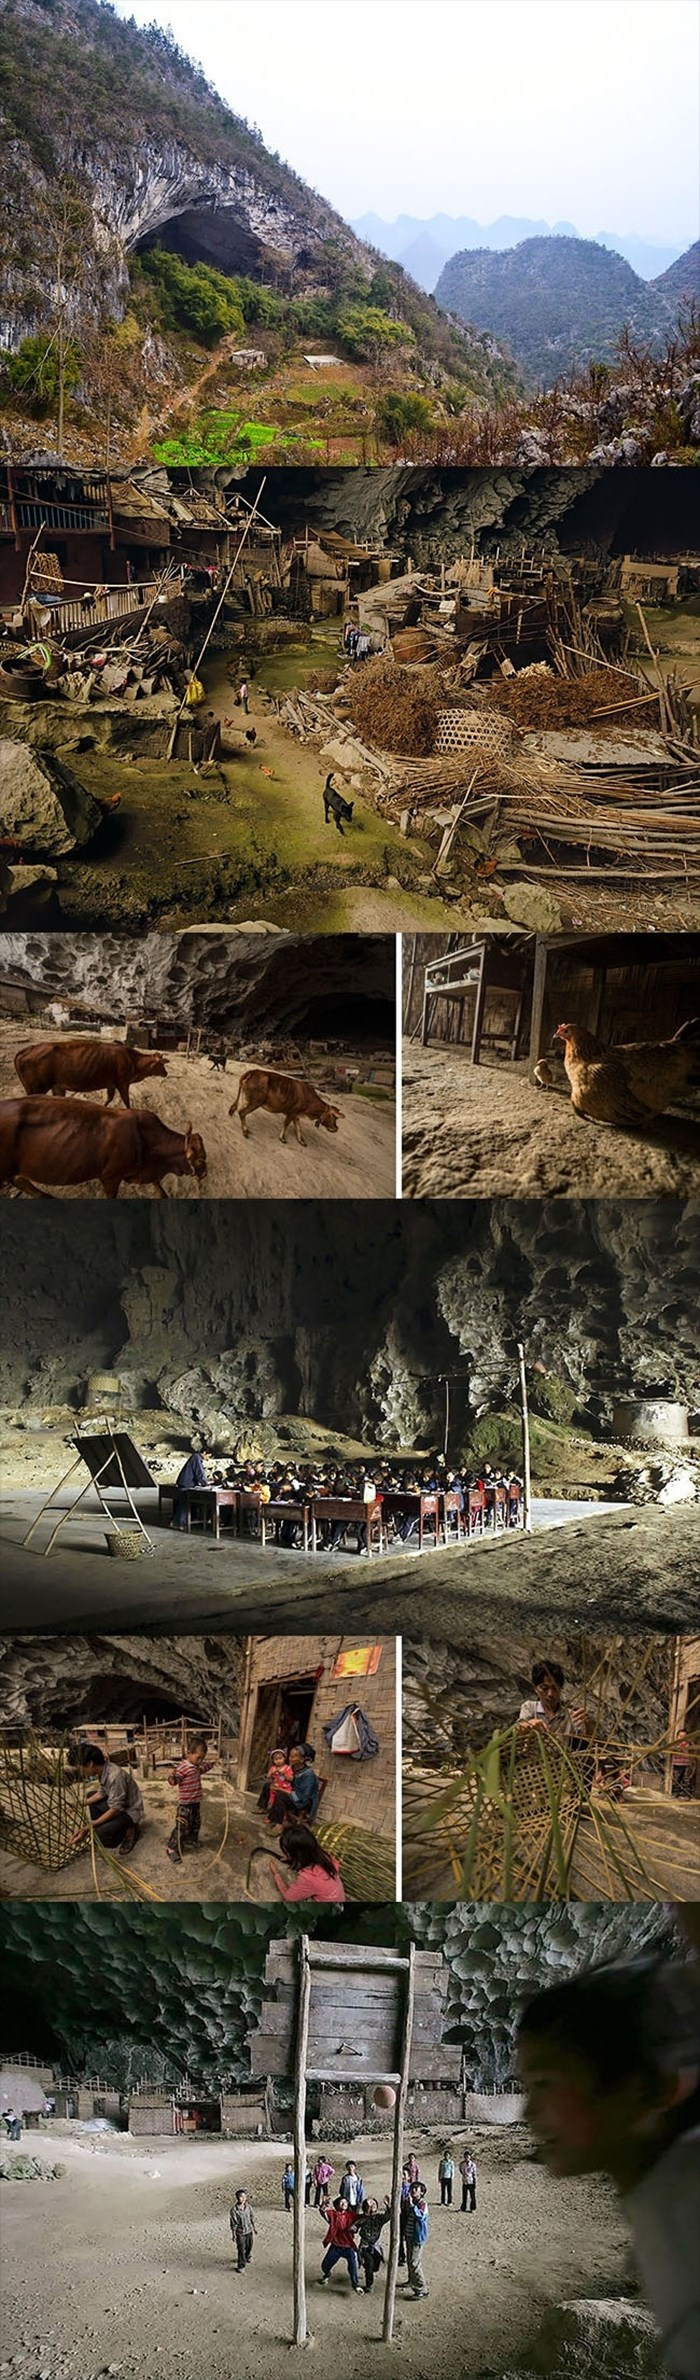 U ovoj pećini živi preko 100 ljudi. Imaju kuće, farme, čak i košarkaško igralište, evo kako to izgleda